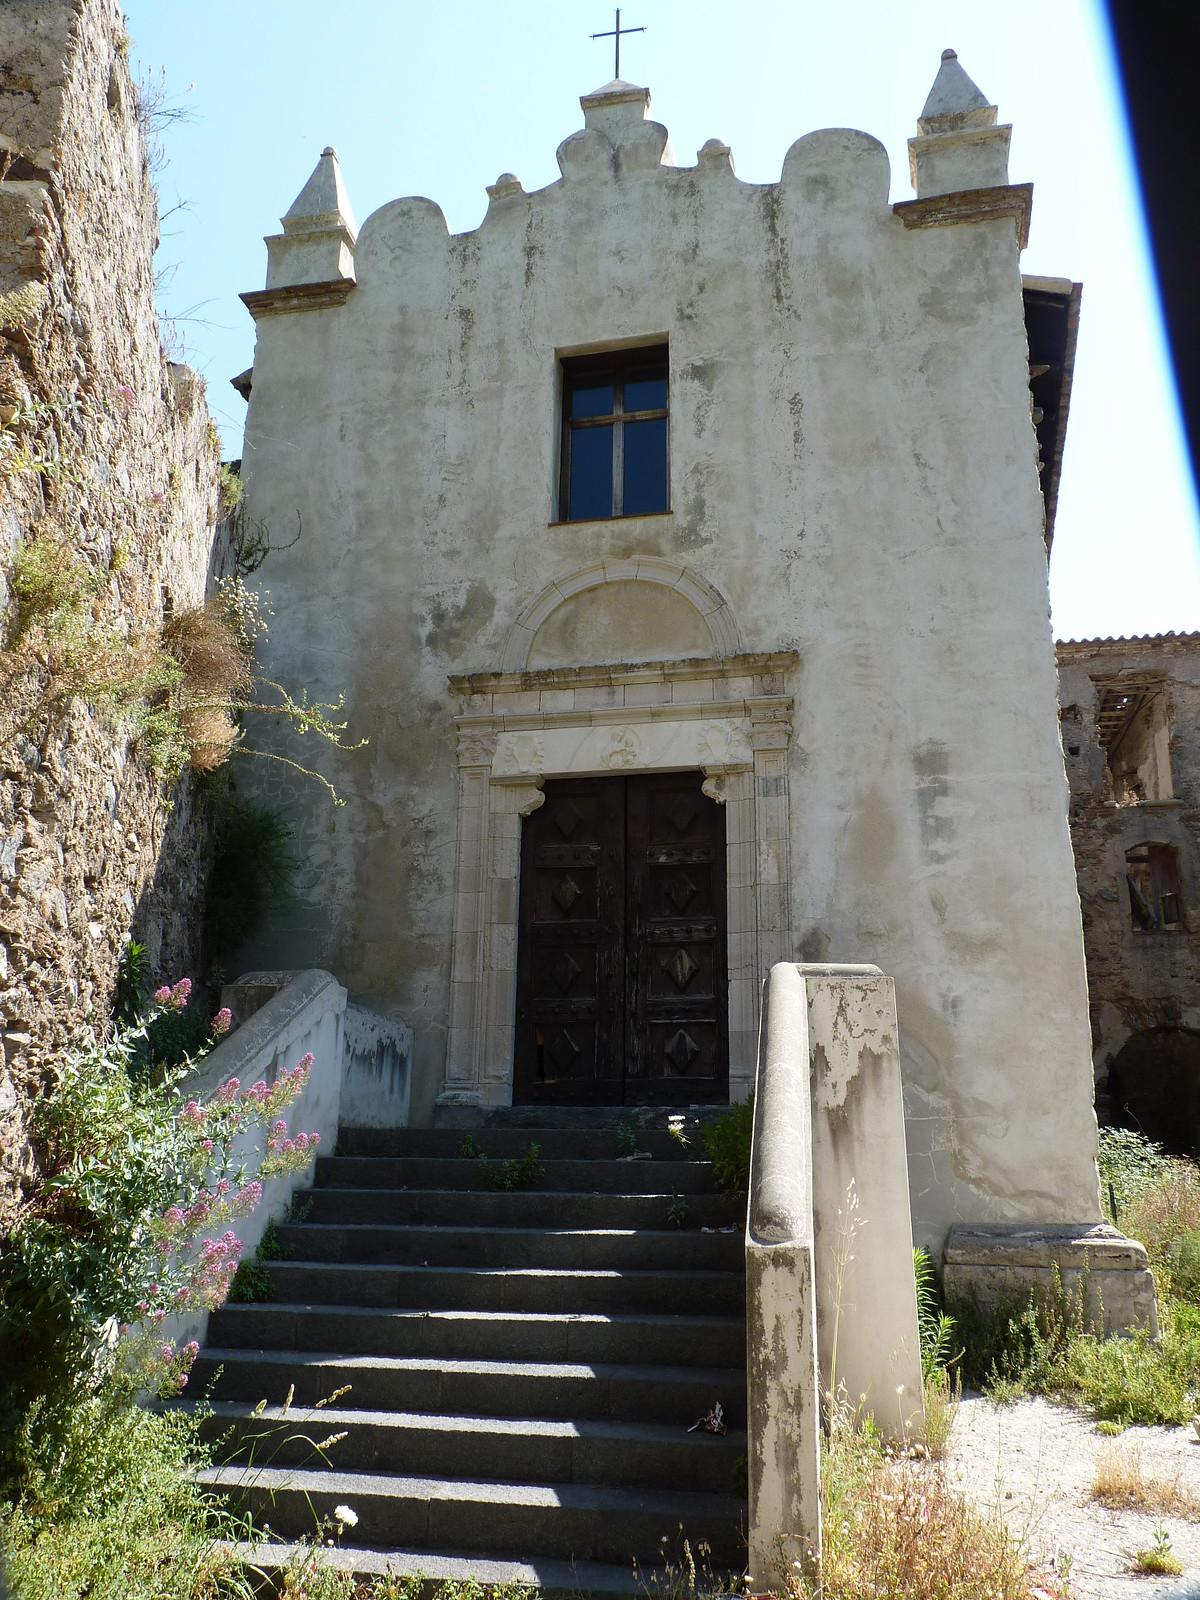 la facciata con il portale d'ingresso cinquecentesco